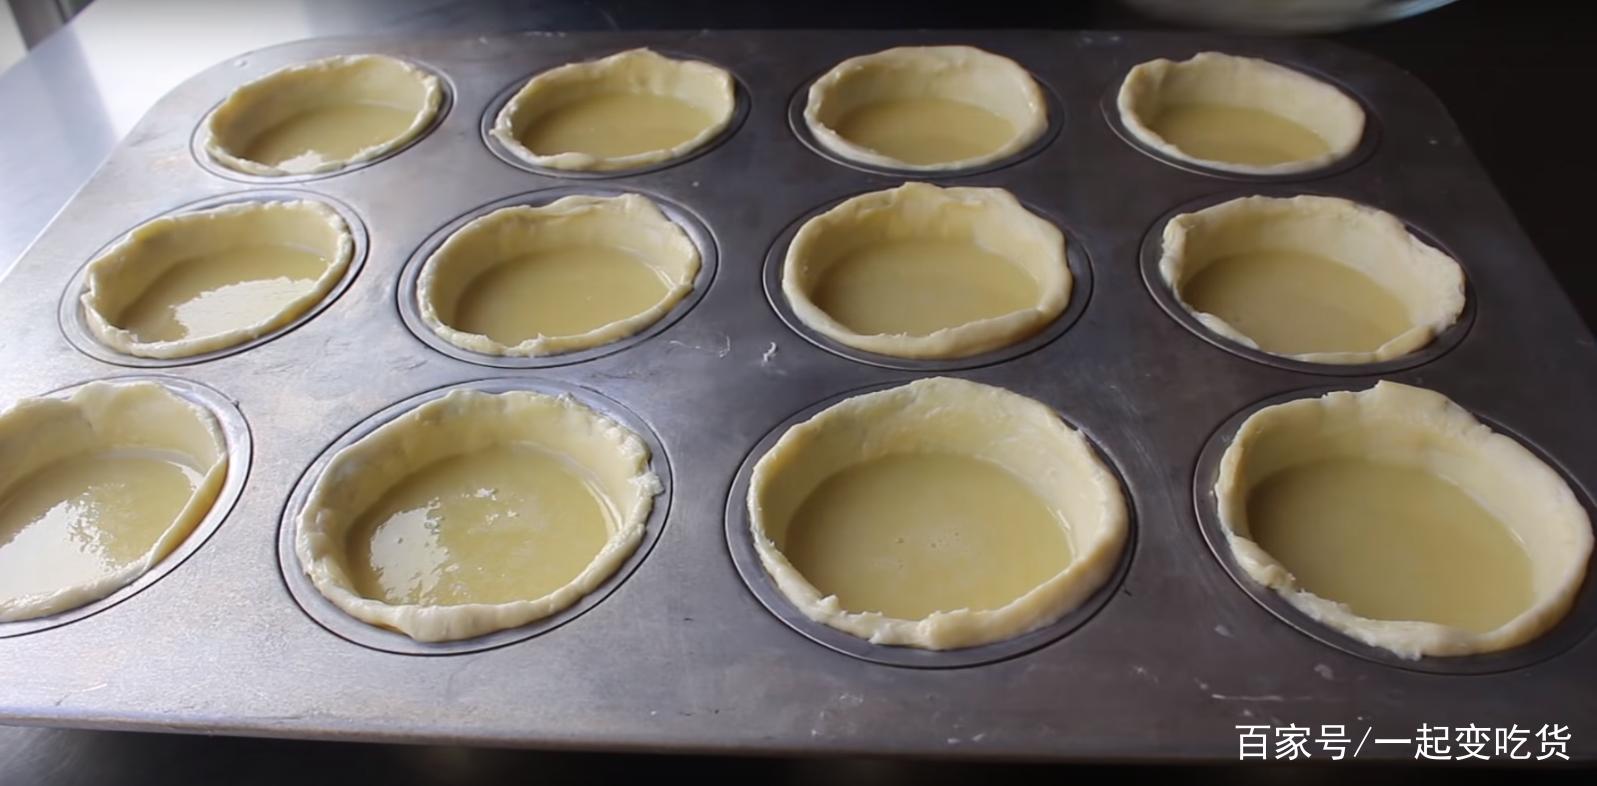 蛋挞怎么做?从蛋挞皮到蛋挞液,全程制作过程